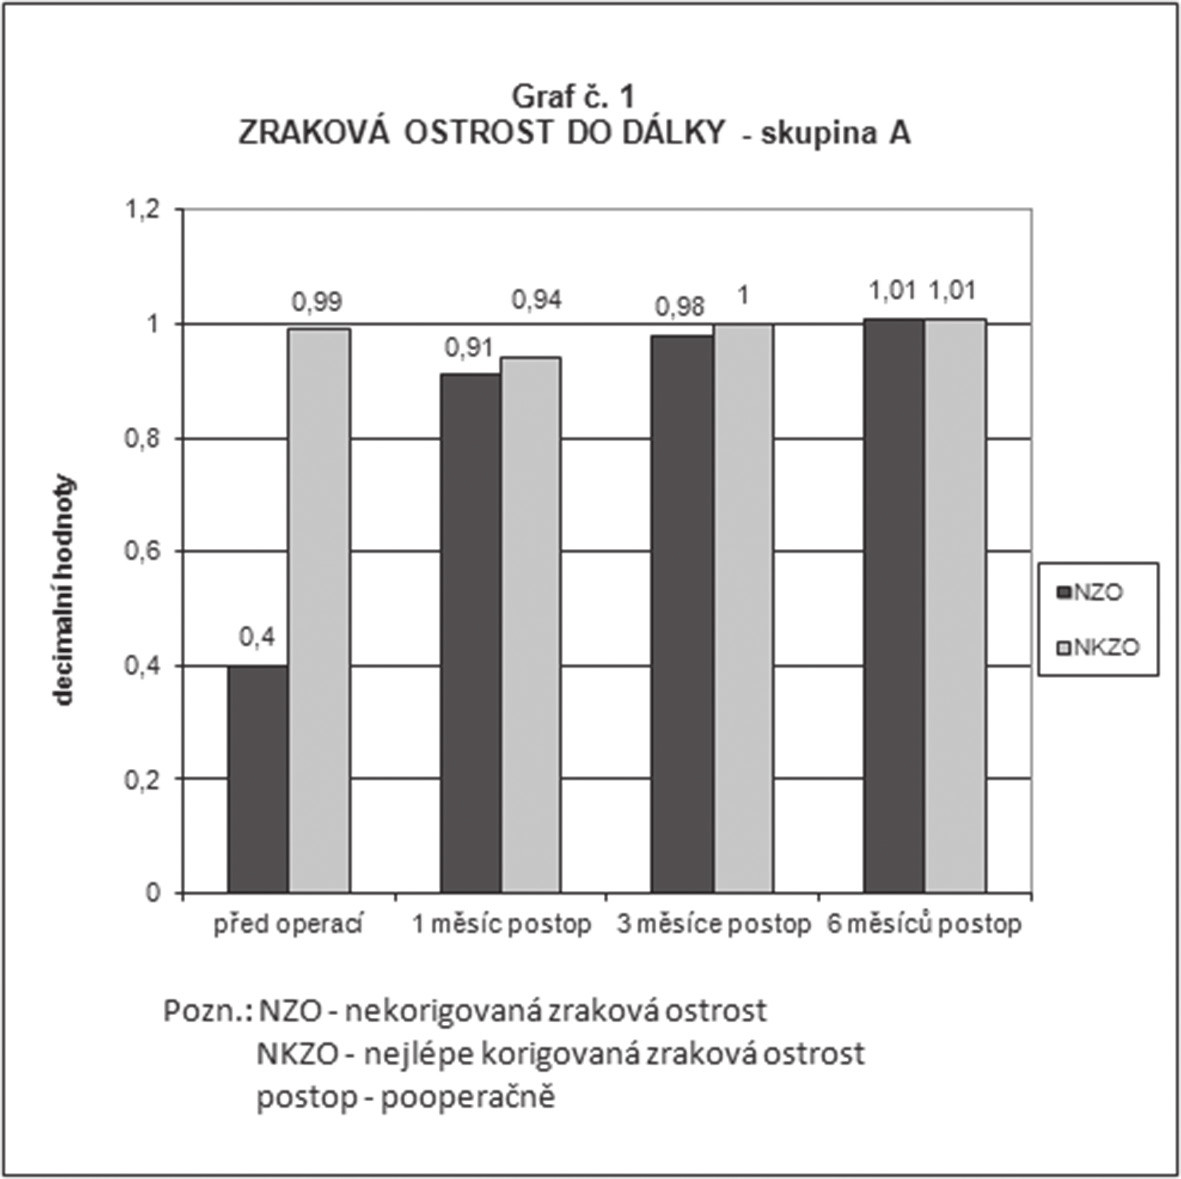 Průměrné hodnoty nekorigované a nejlépe korigované monokulární zrakové ostrosti do dálky ve skupině A (implantace nitrooční čočky LENTIS Mplus) předoperačně, 1 měsíc, 3 měsíce a 6 měsíců po operaci